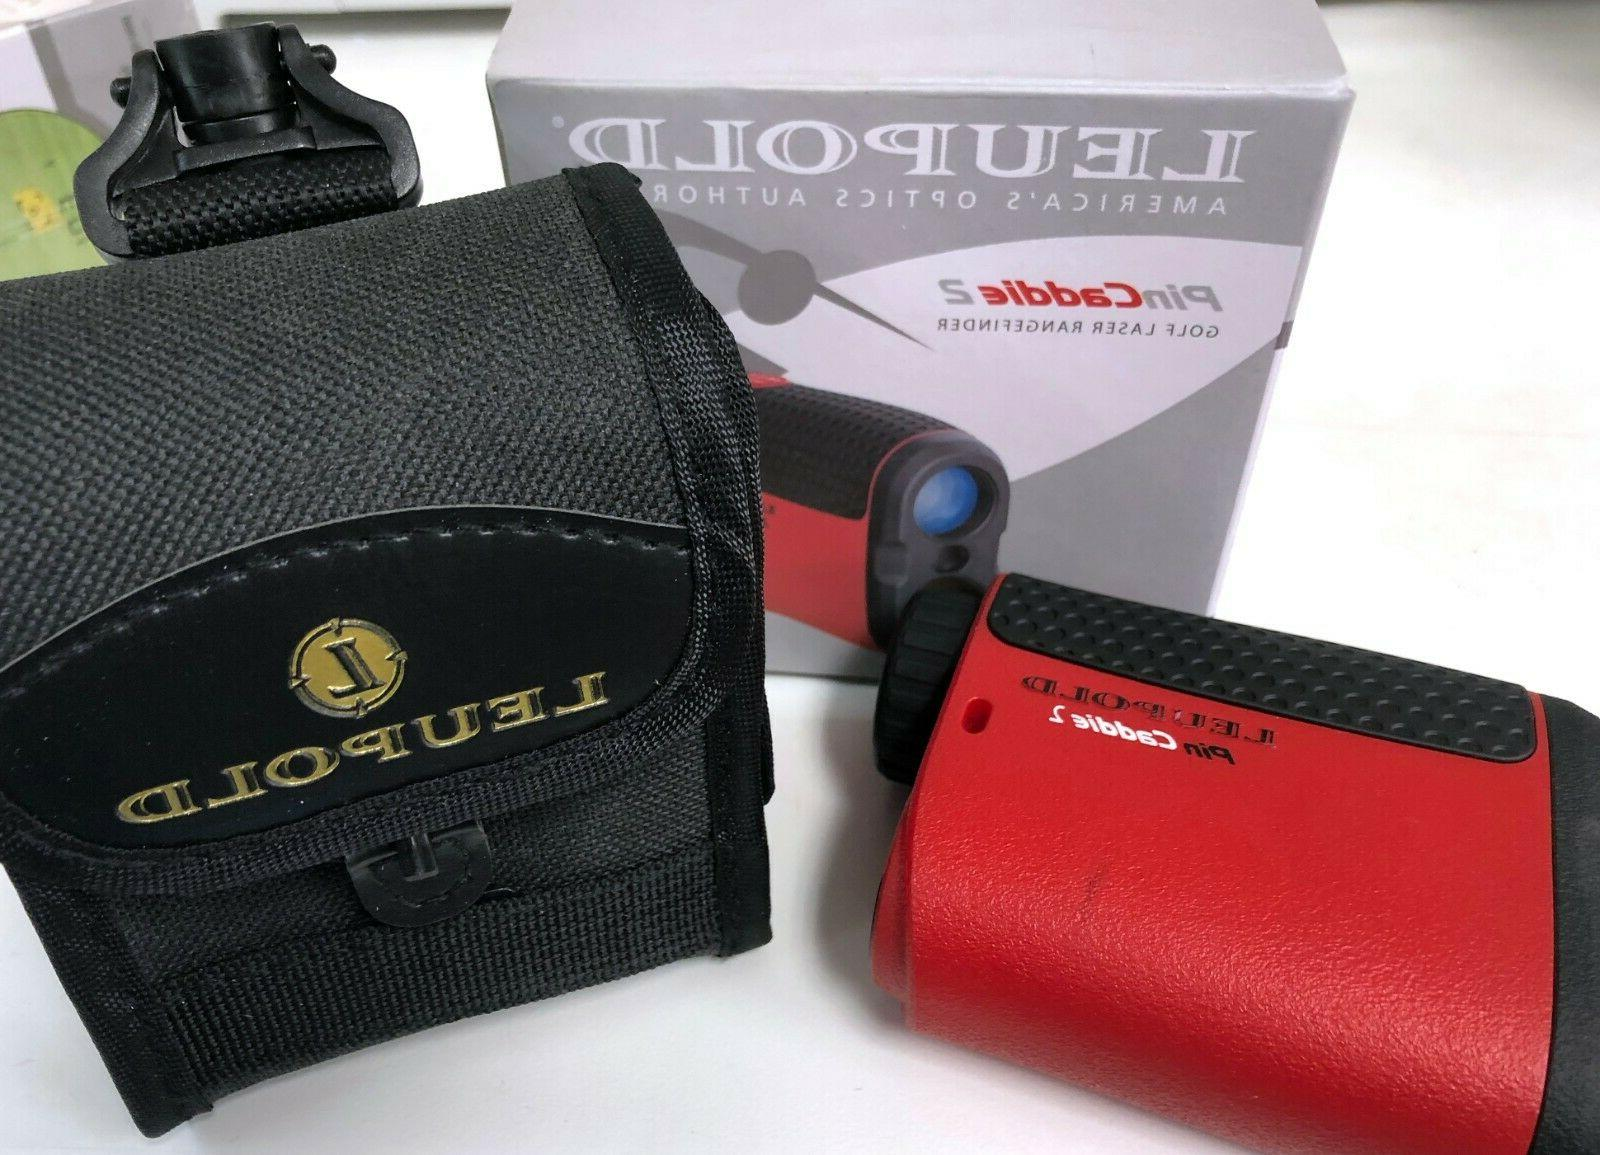 new pincaddie 2 golf laser range finder